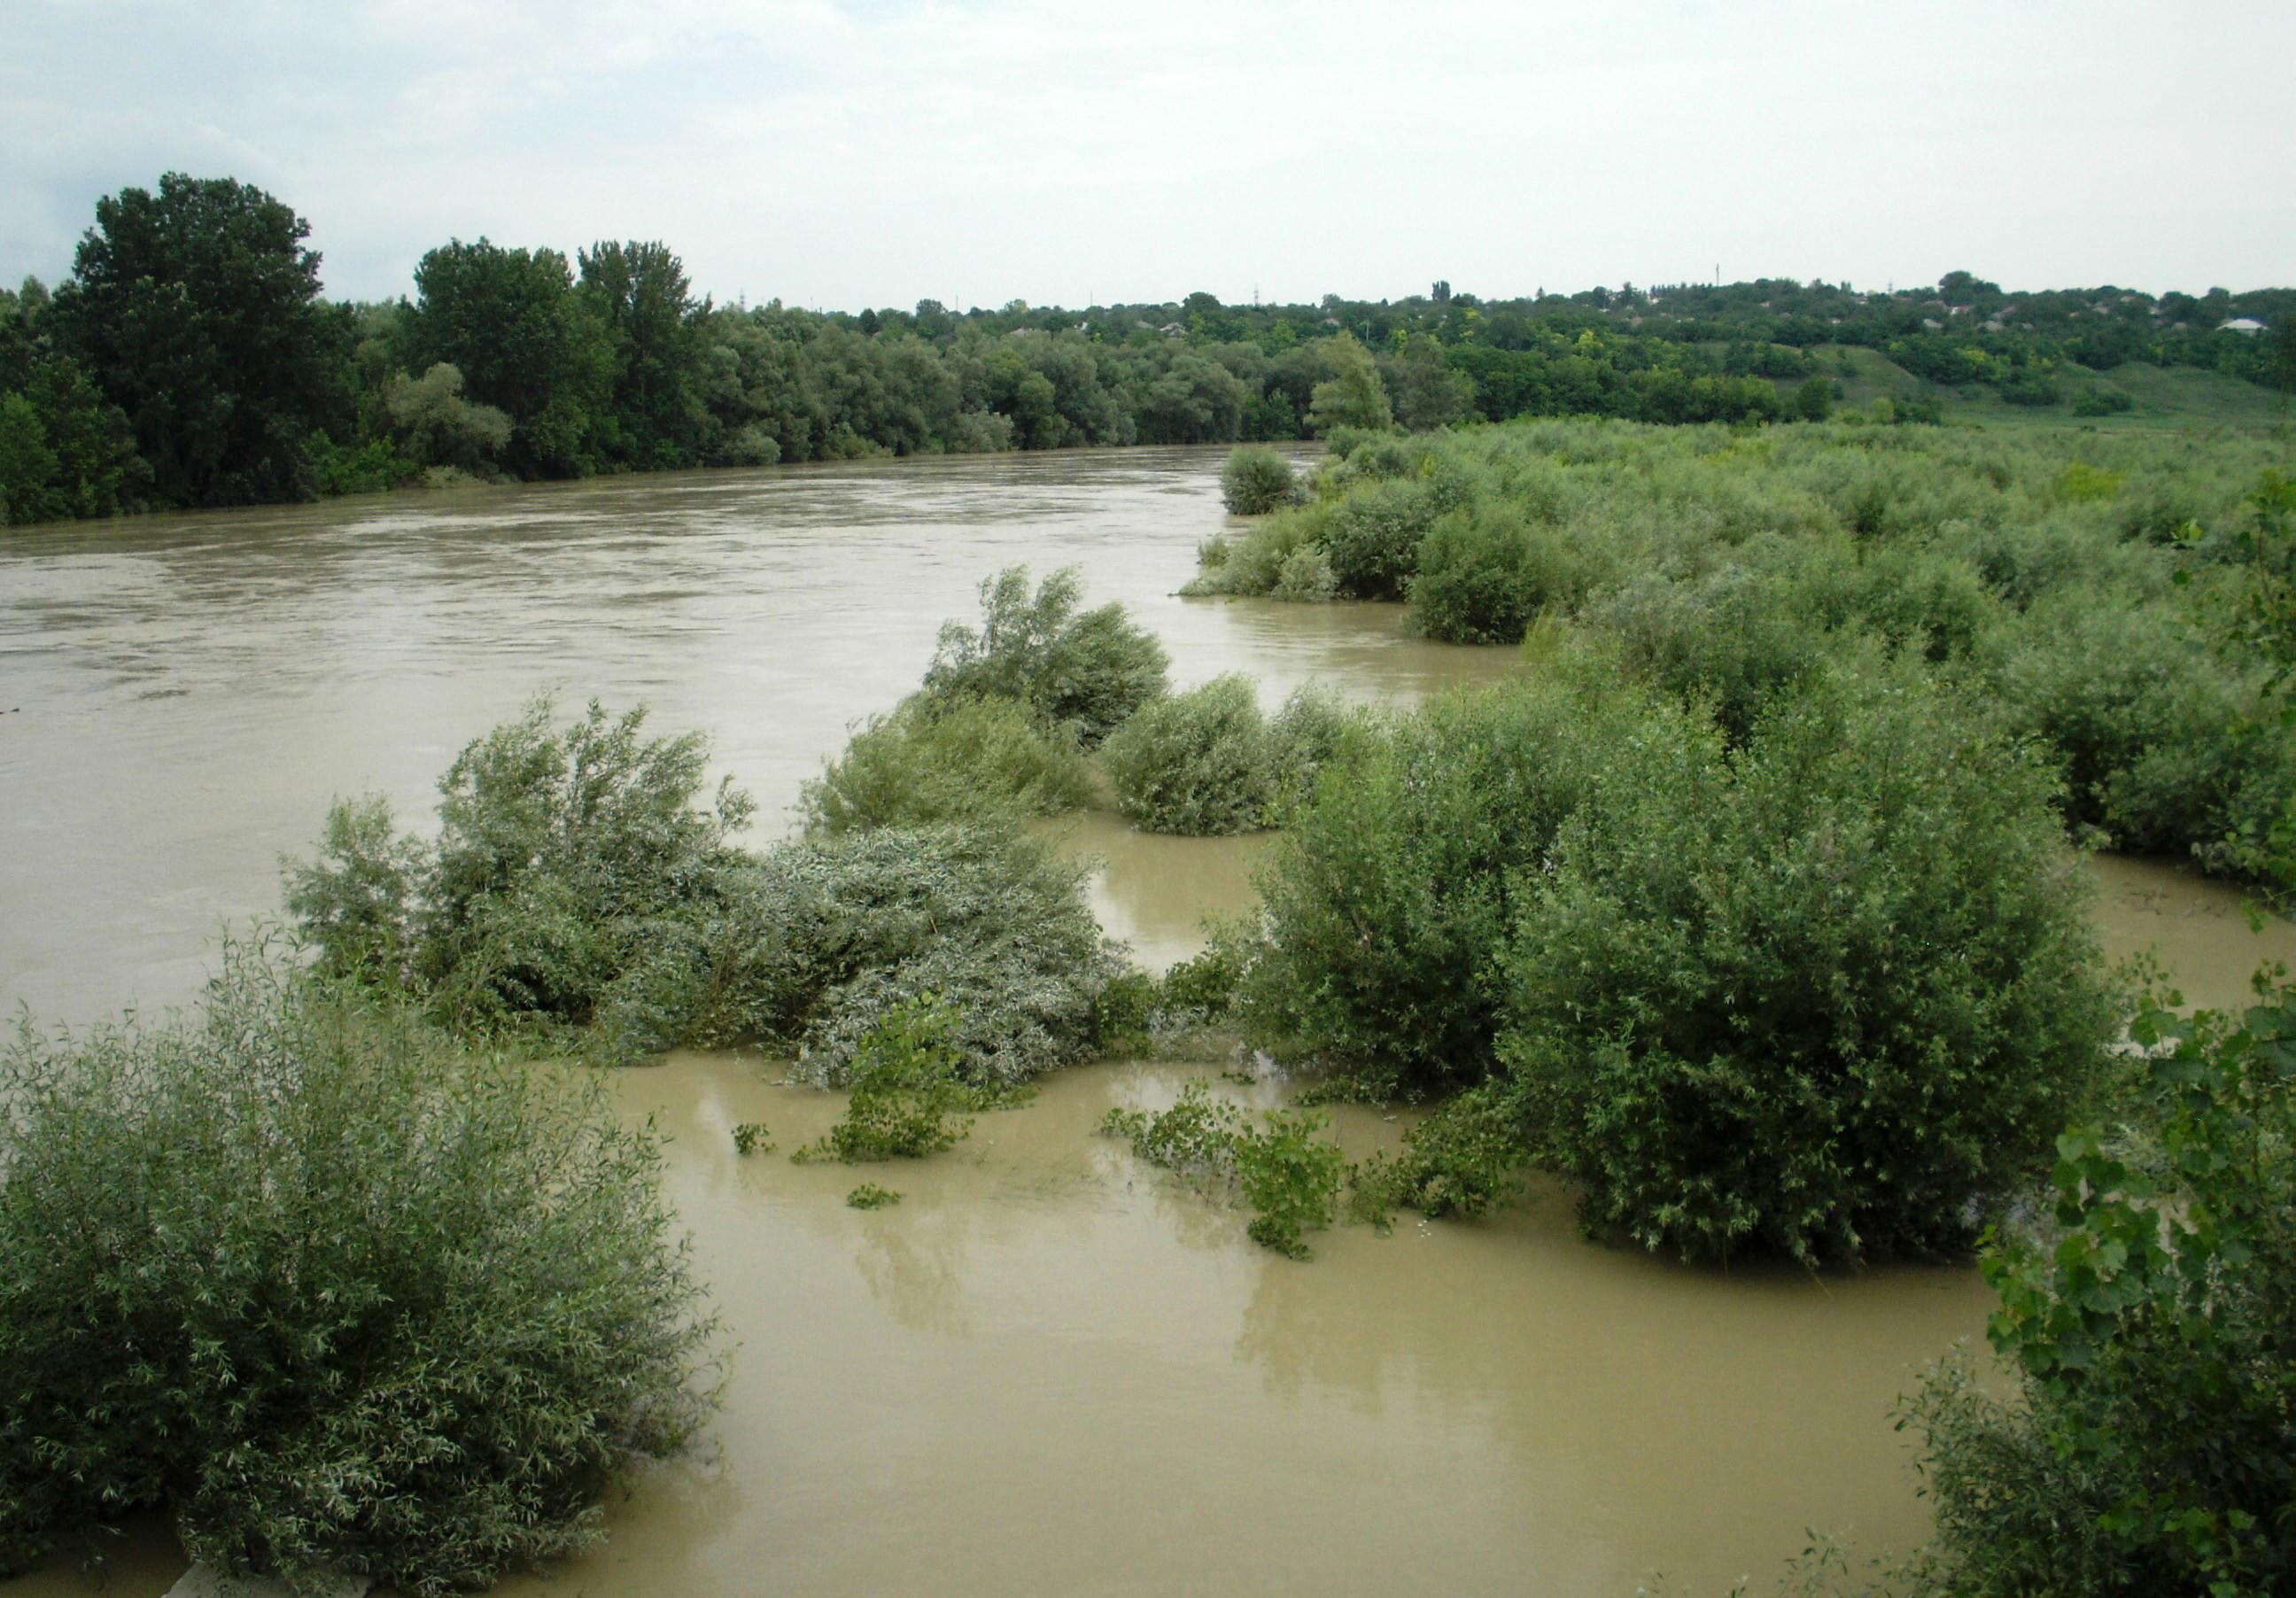 Codul roșu de inundații pe Tisa și Prut, menținut până joi. Locuitorii unui sat din Botoșani au fost evacuați